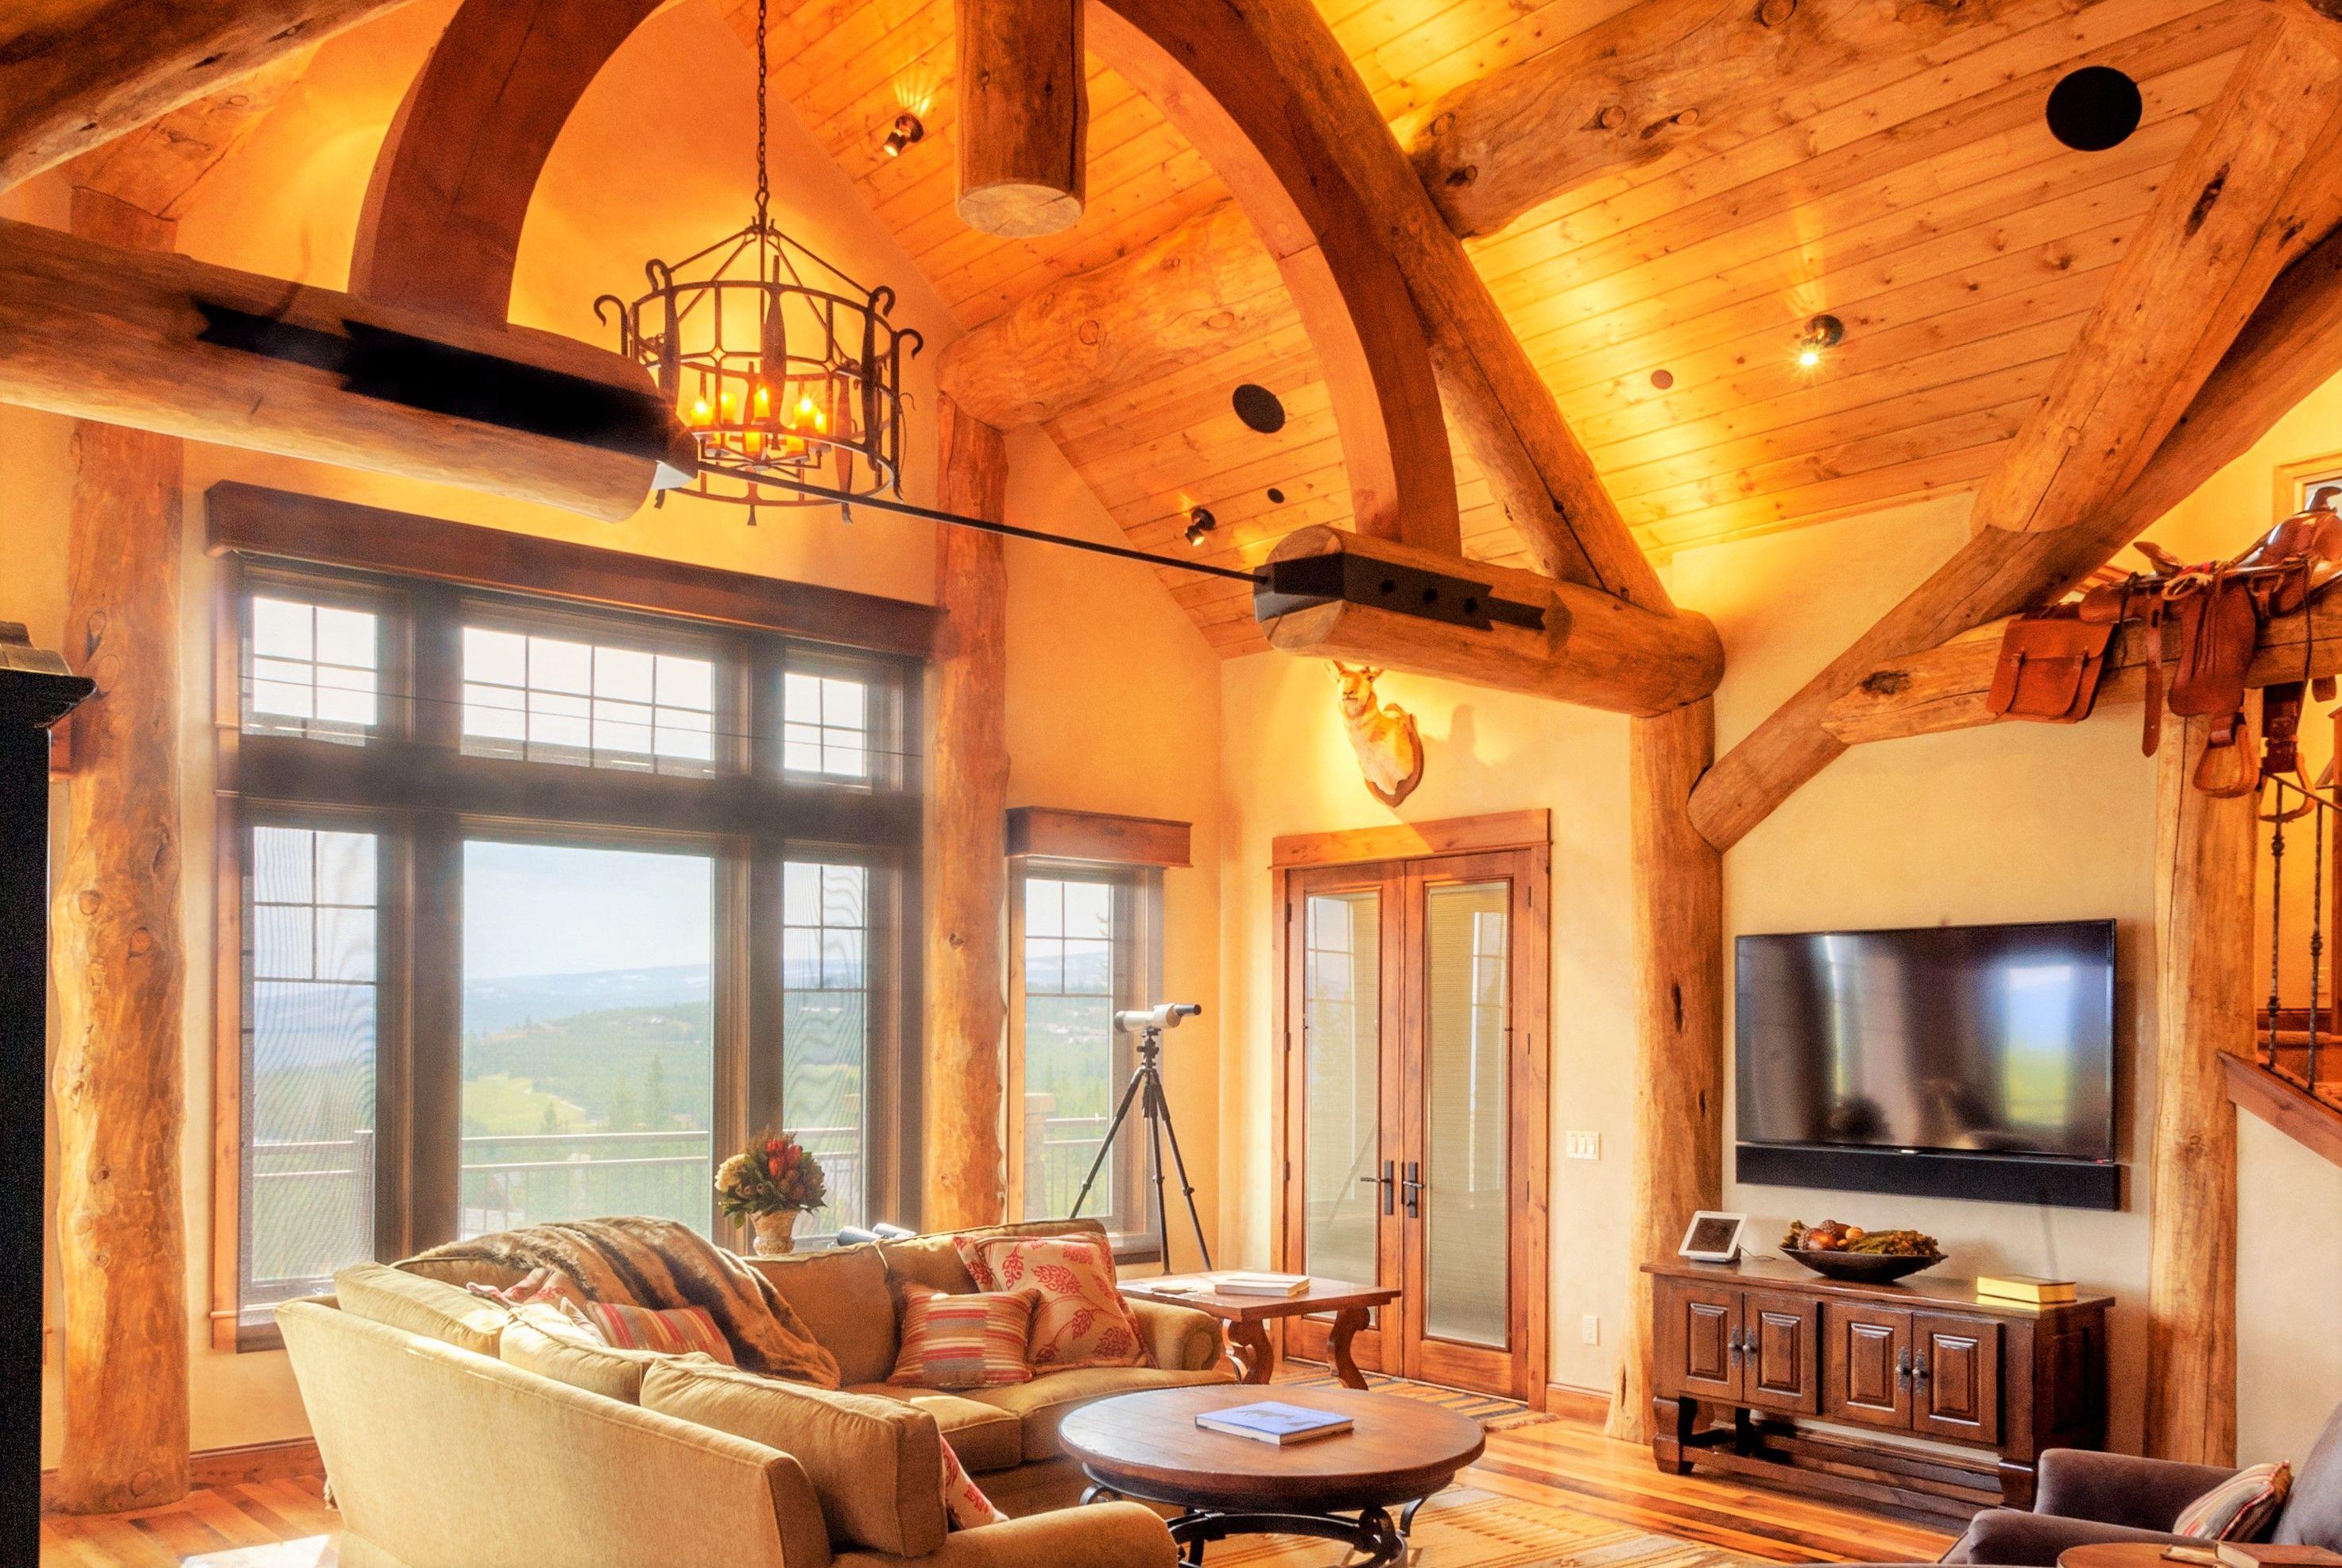 Natural Interior Design, Spanish Peaks Residence, Legends Studio Architecture @legends_studio